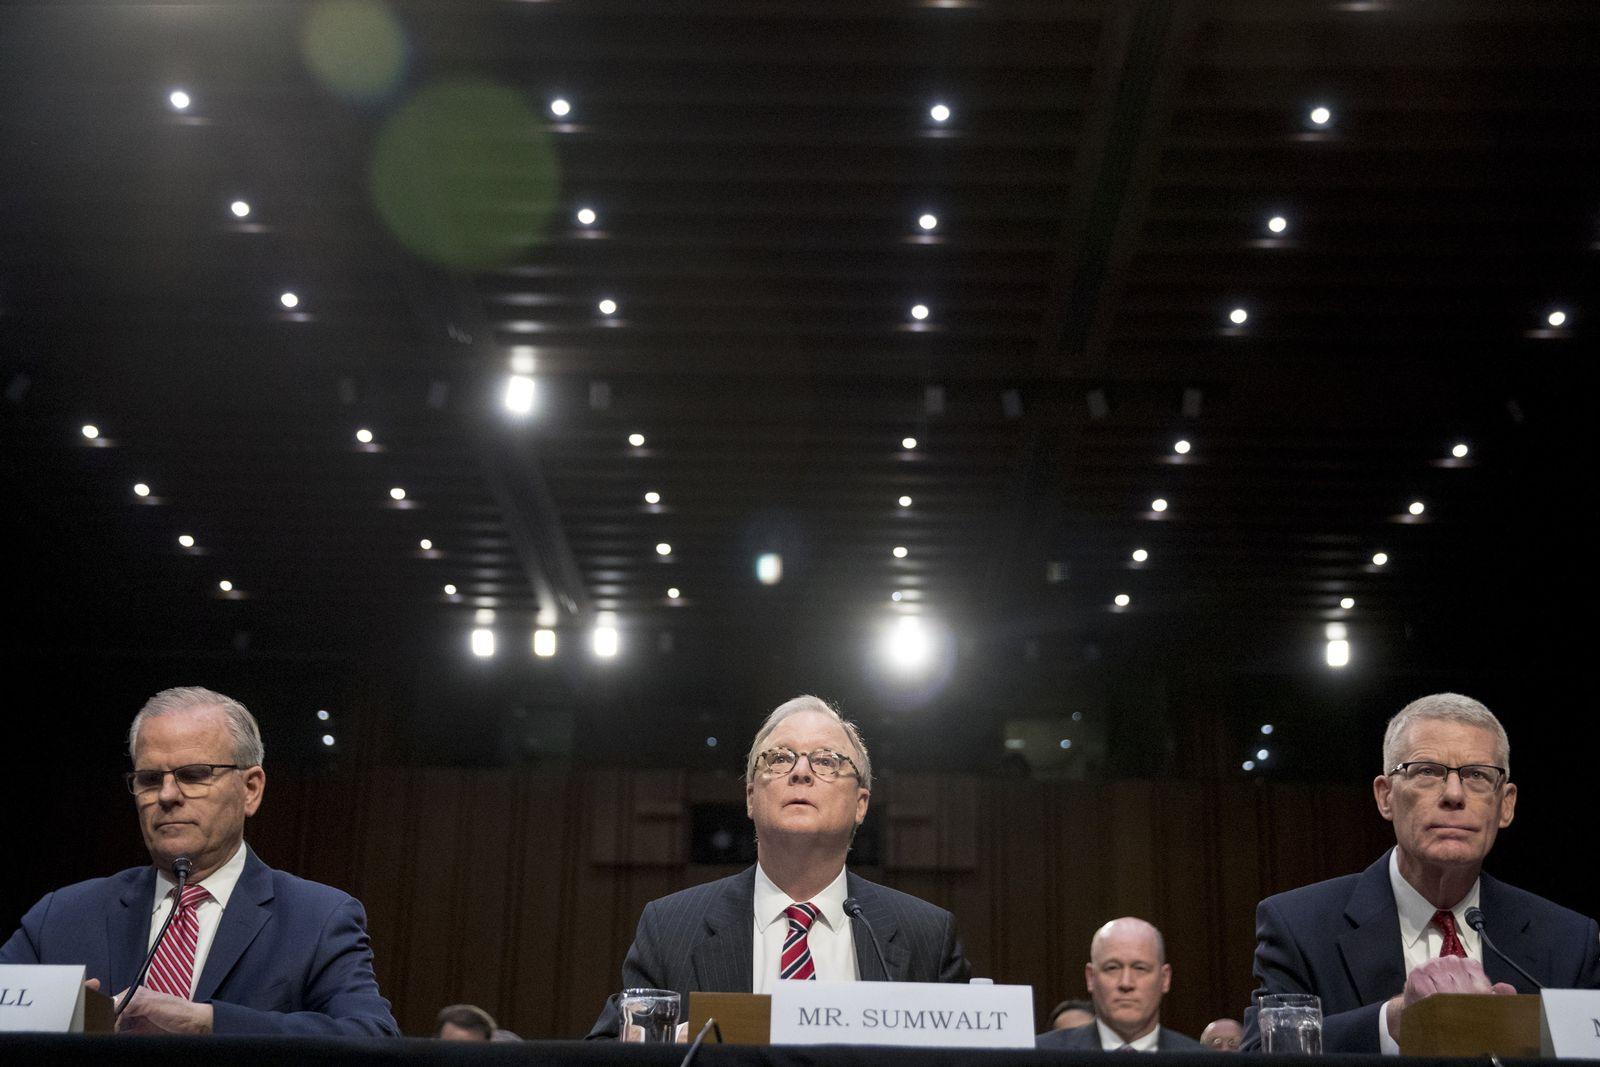 Senatsanhörung zu Boeing 737 Max Robert Sumwalt